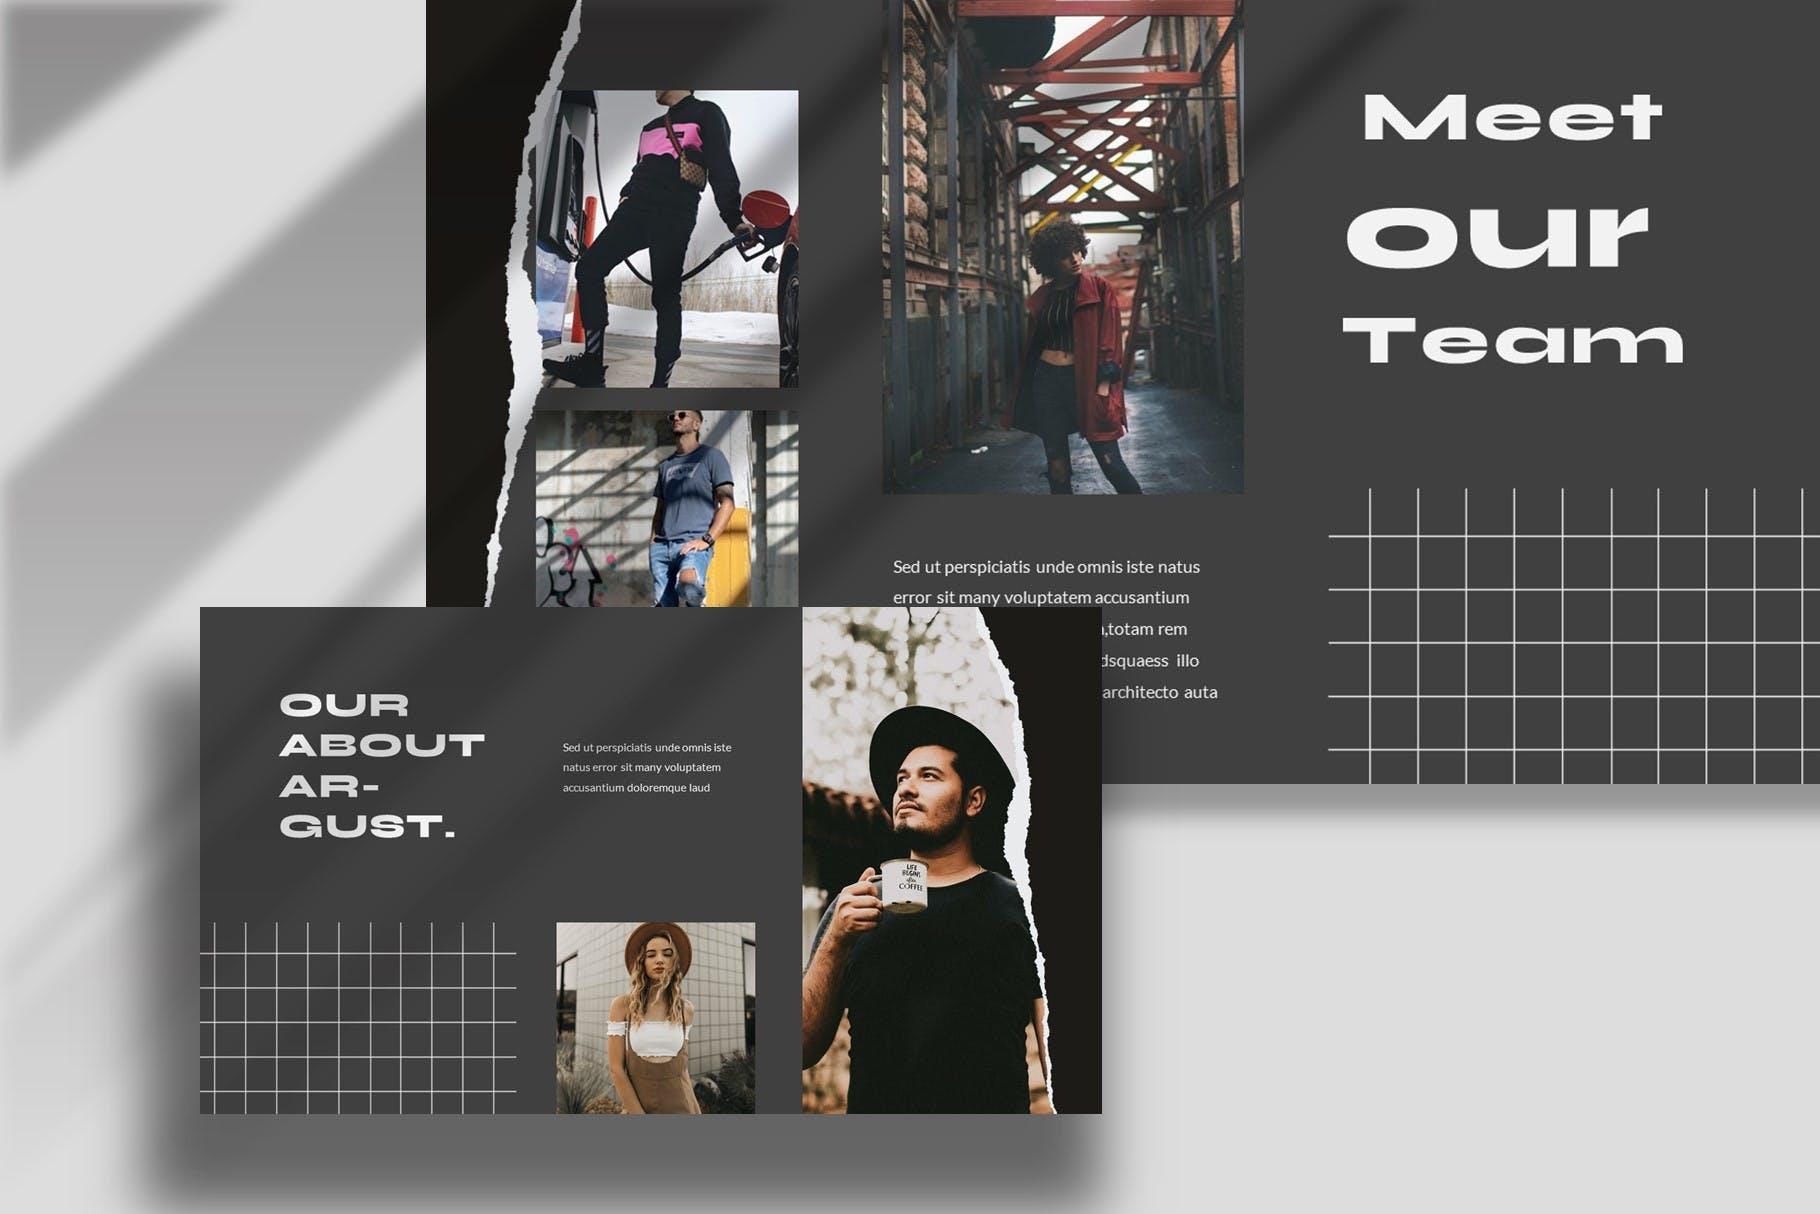 潮流撕纸效果品牌策划提案简报演示文稿设计模板 Argust Powerpoint Template插图5